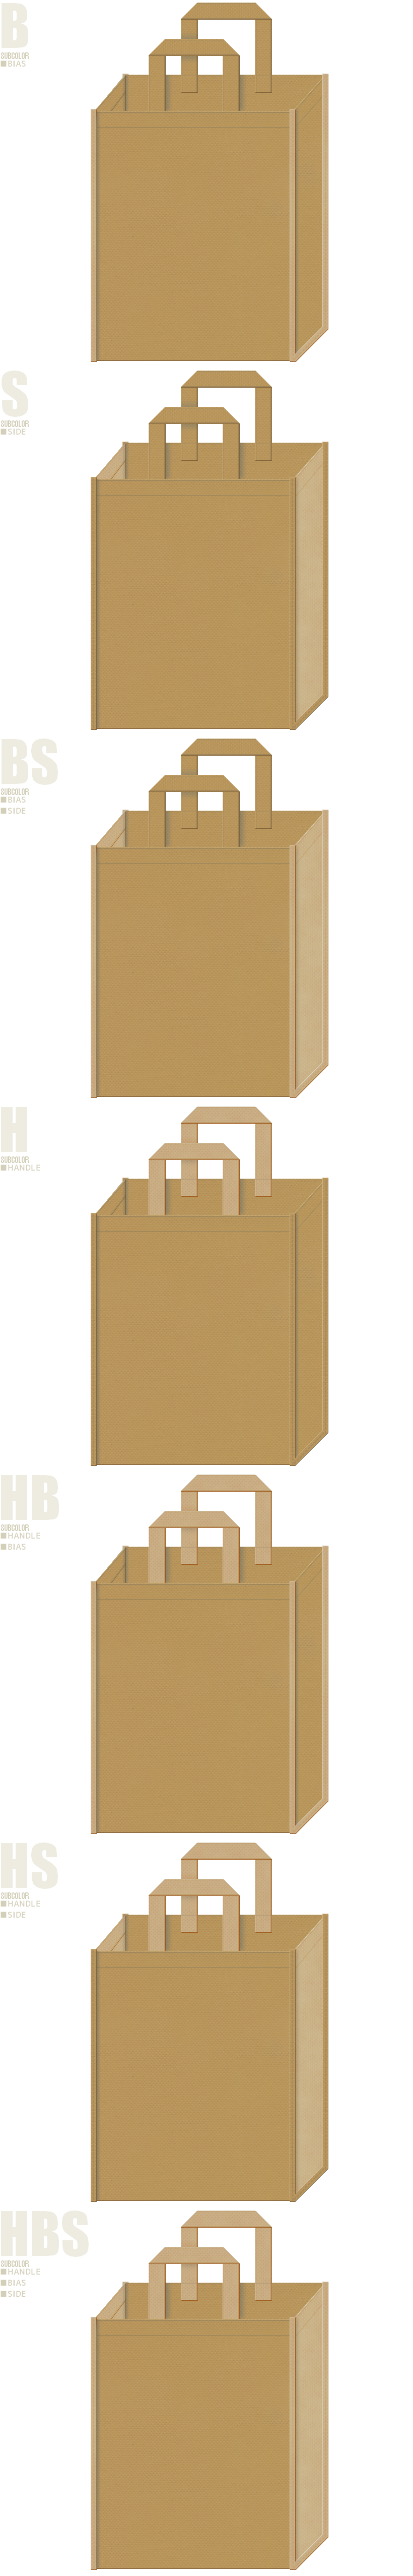 作業用品・日曜大工用品・工具・DIYの展示会用バッグにお奨めの不織布バッグデザイン:金黄土色とカーキ色の配色7パターン